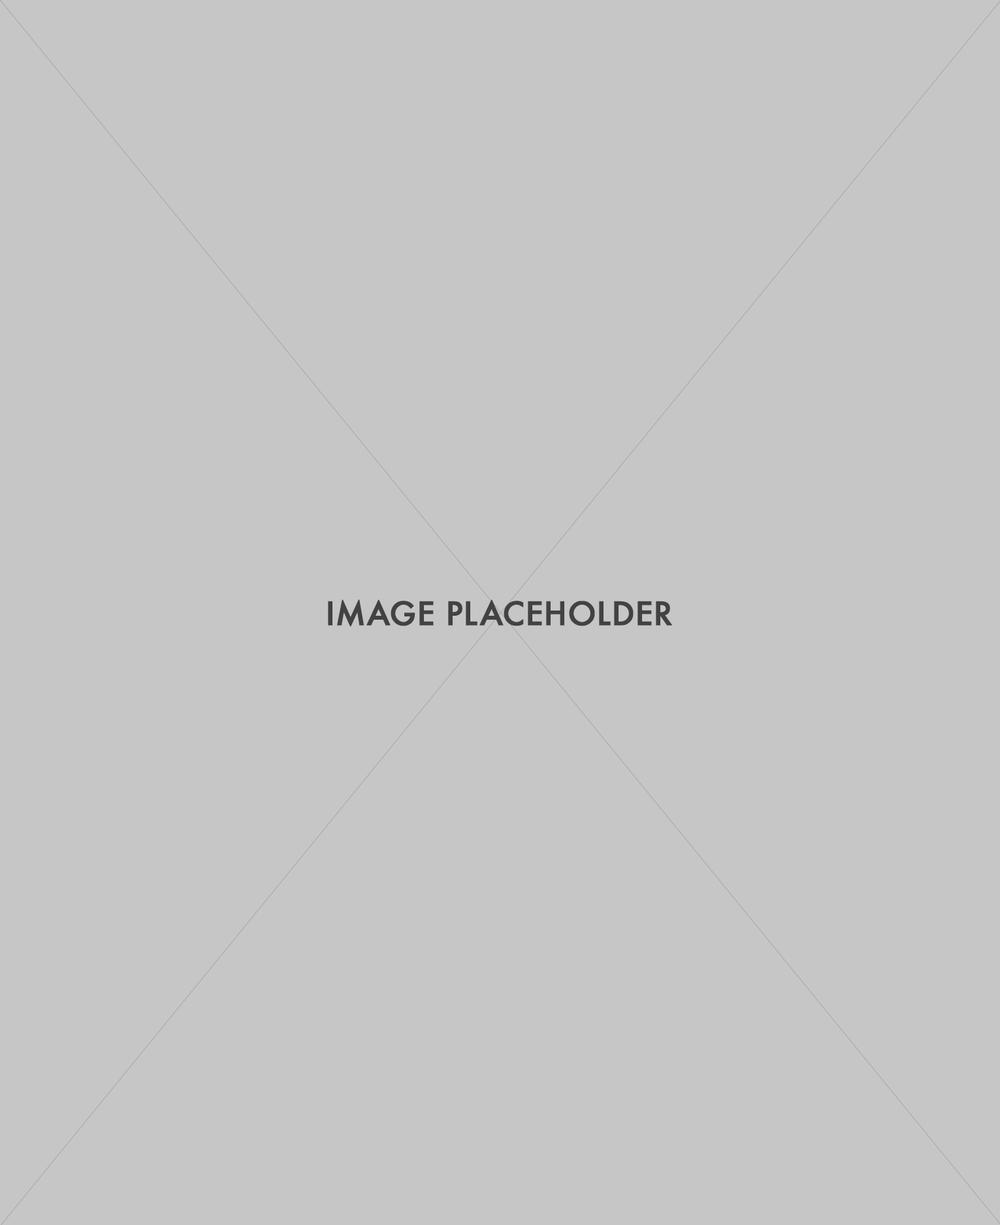 Team Image Placeholder.png